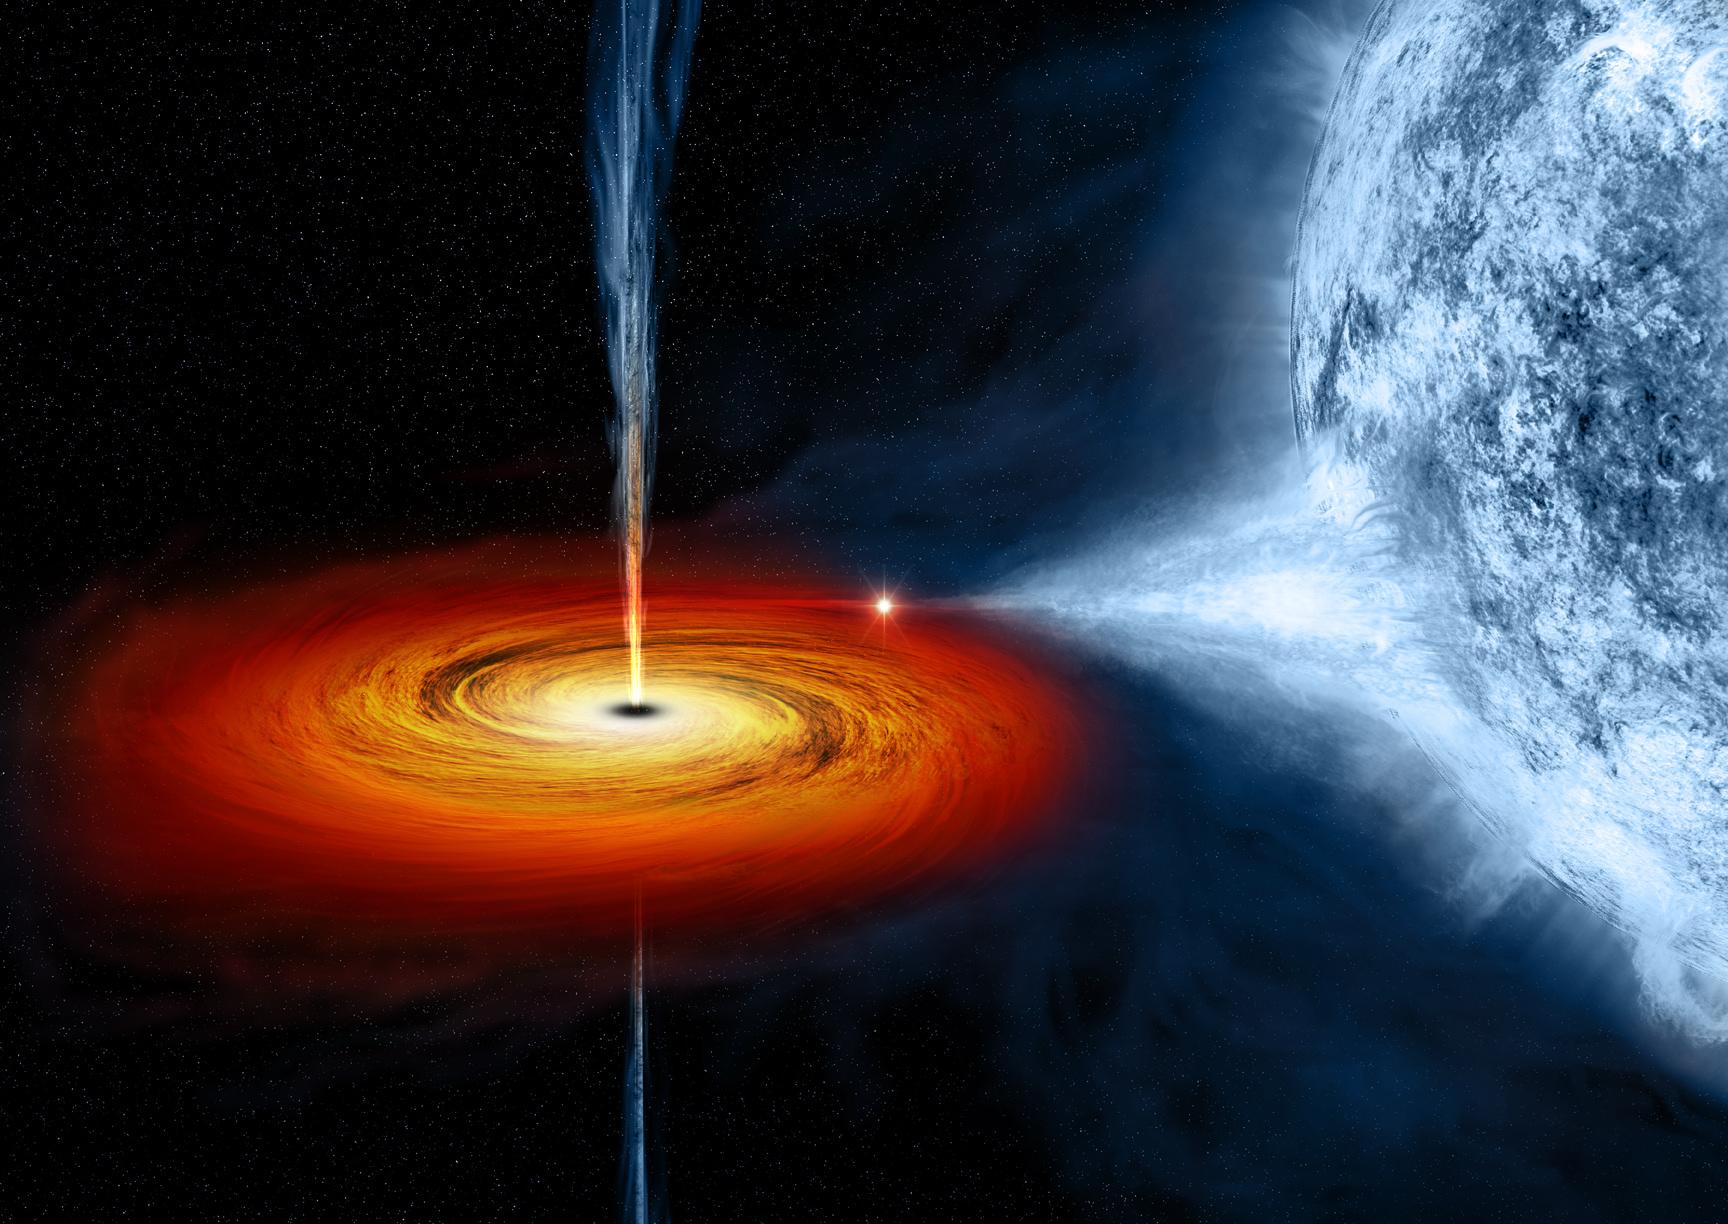 black hole x ray emission - photo #14